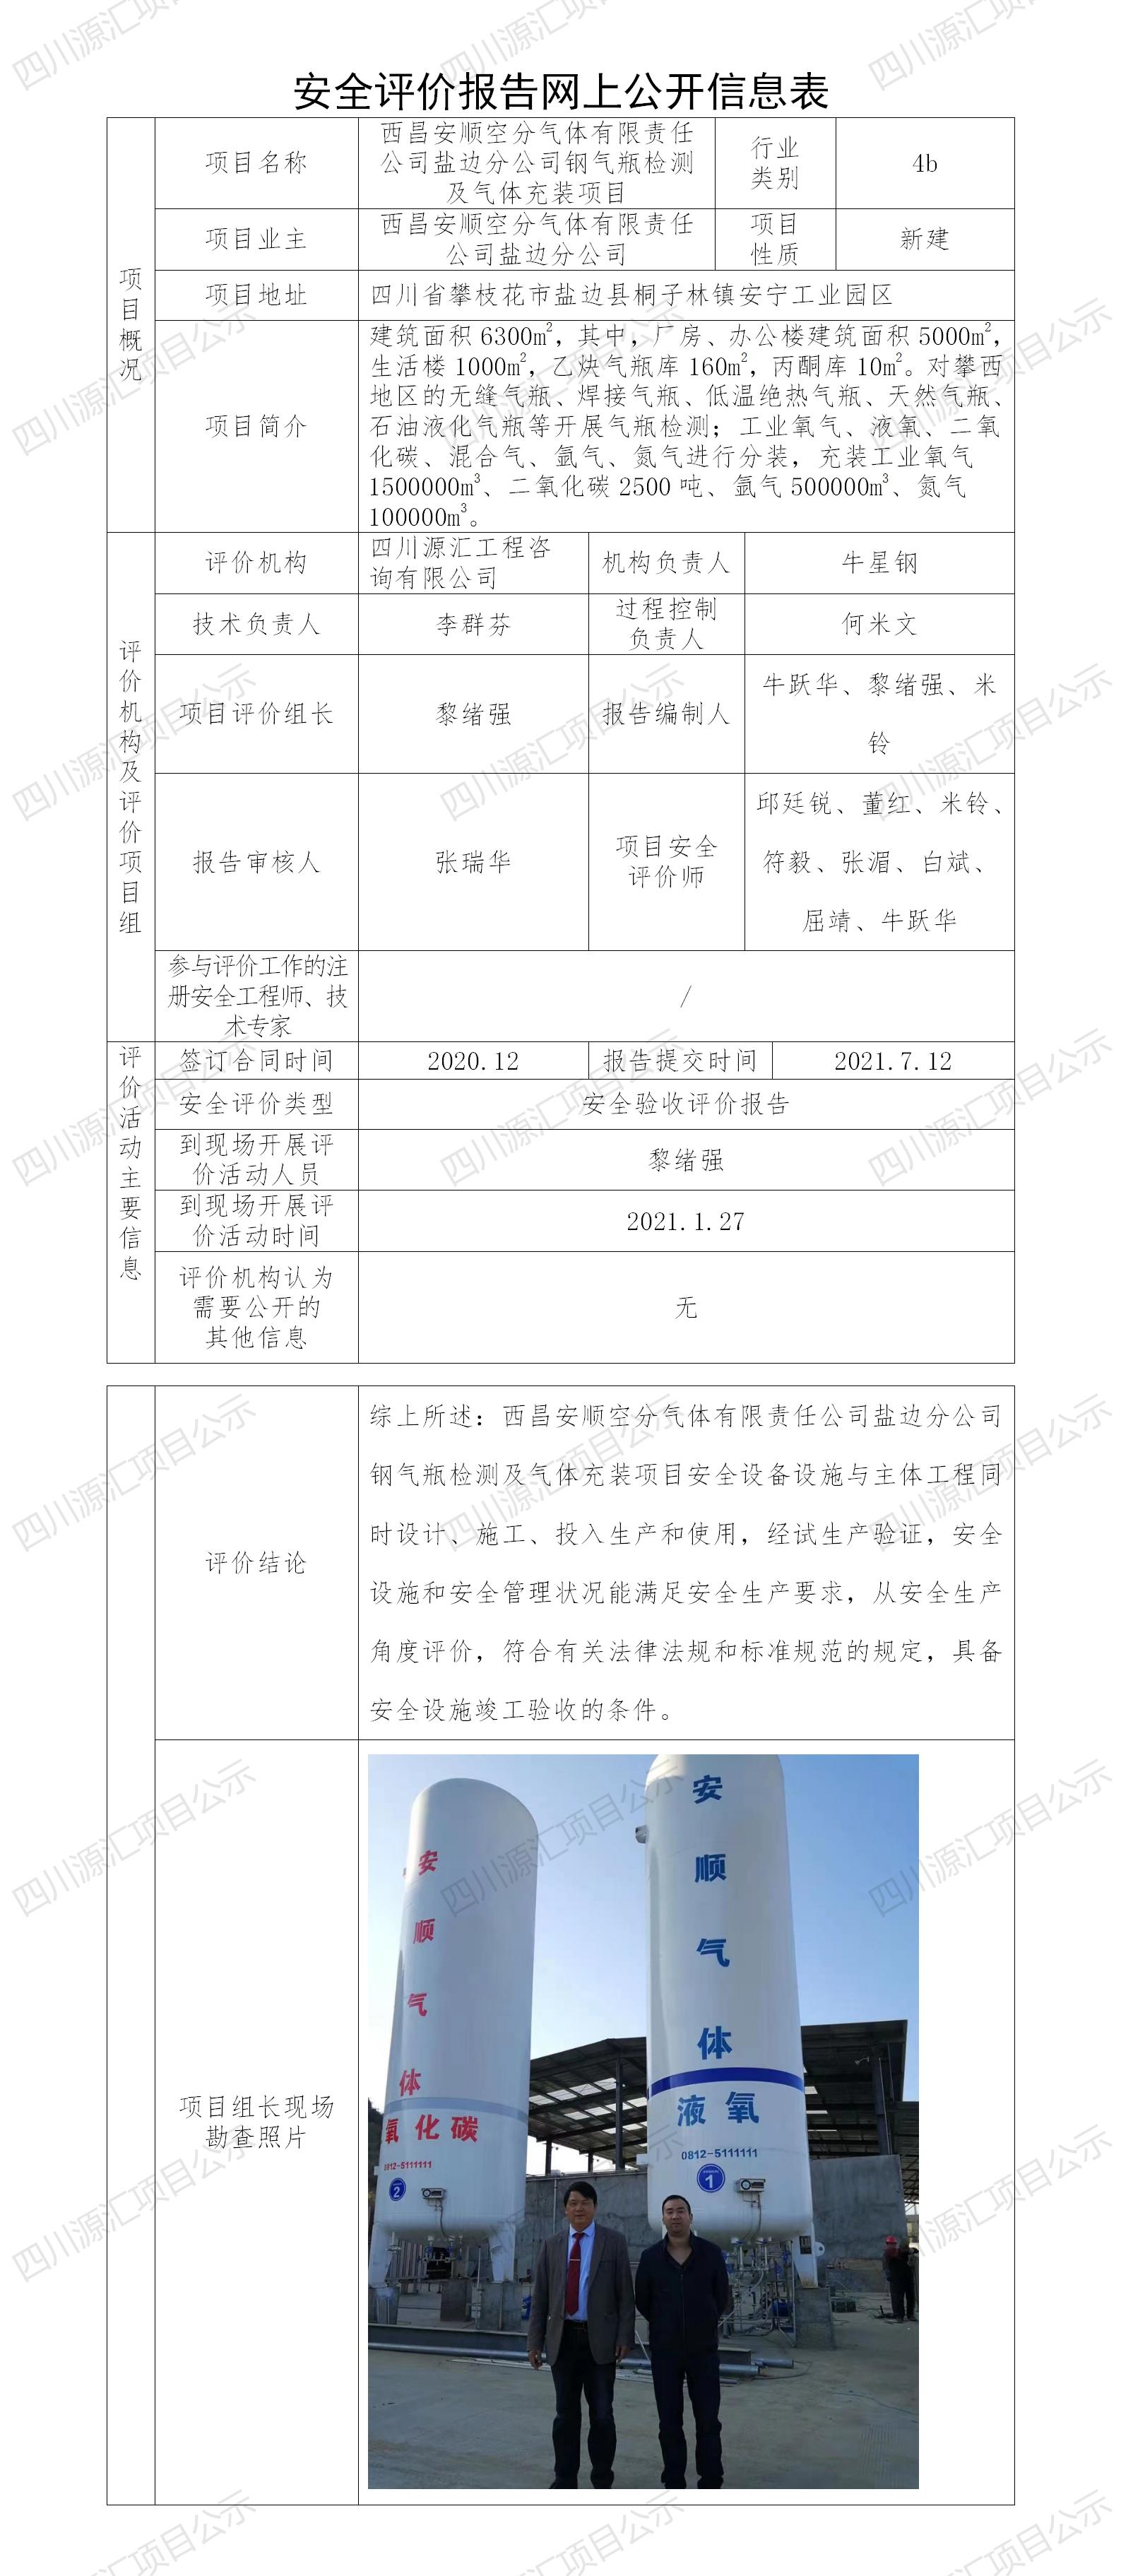 西昌安顺空分气体有限责任公司盐边分公司钢气瓶检测及气体充装项目.png